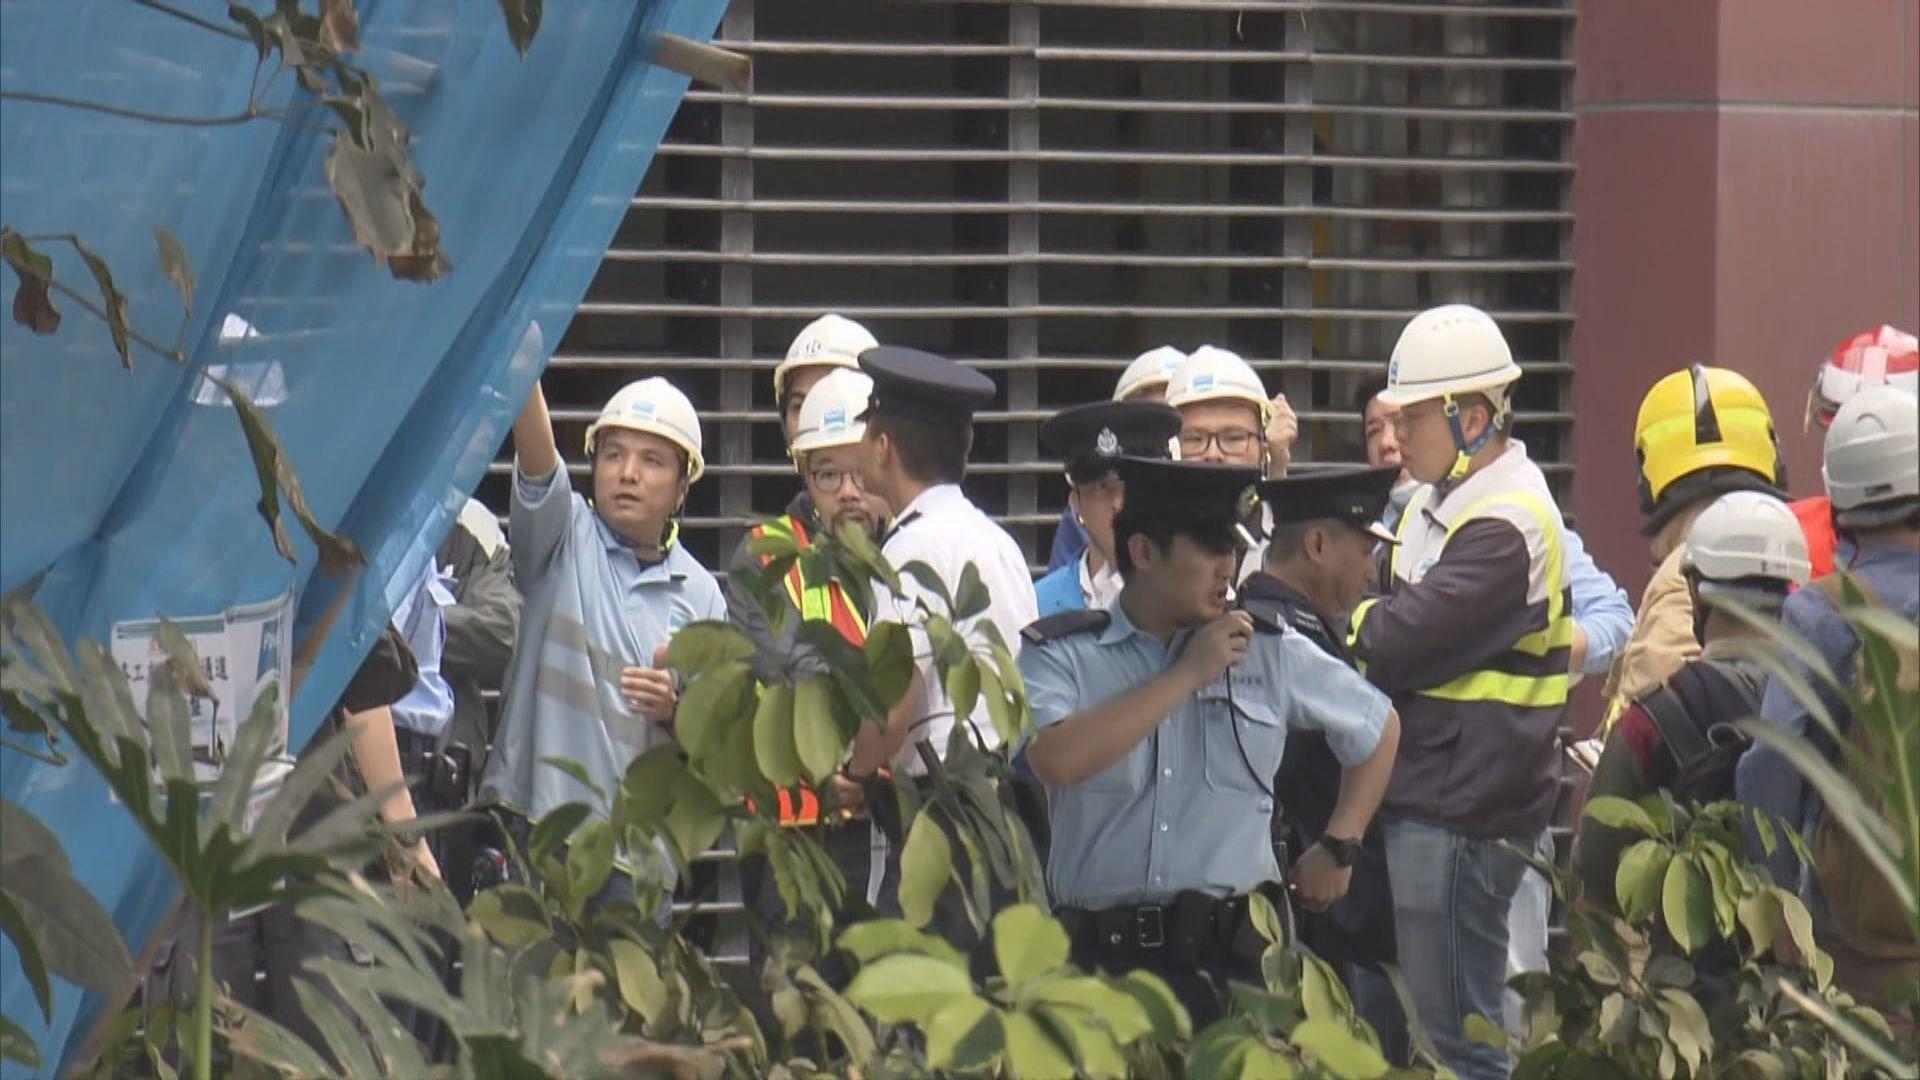 筲箕灣大型棚架倒塌一工人傷